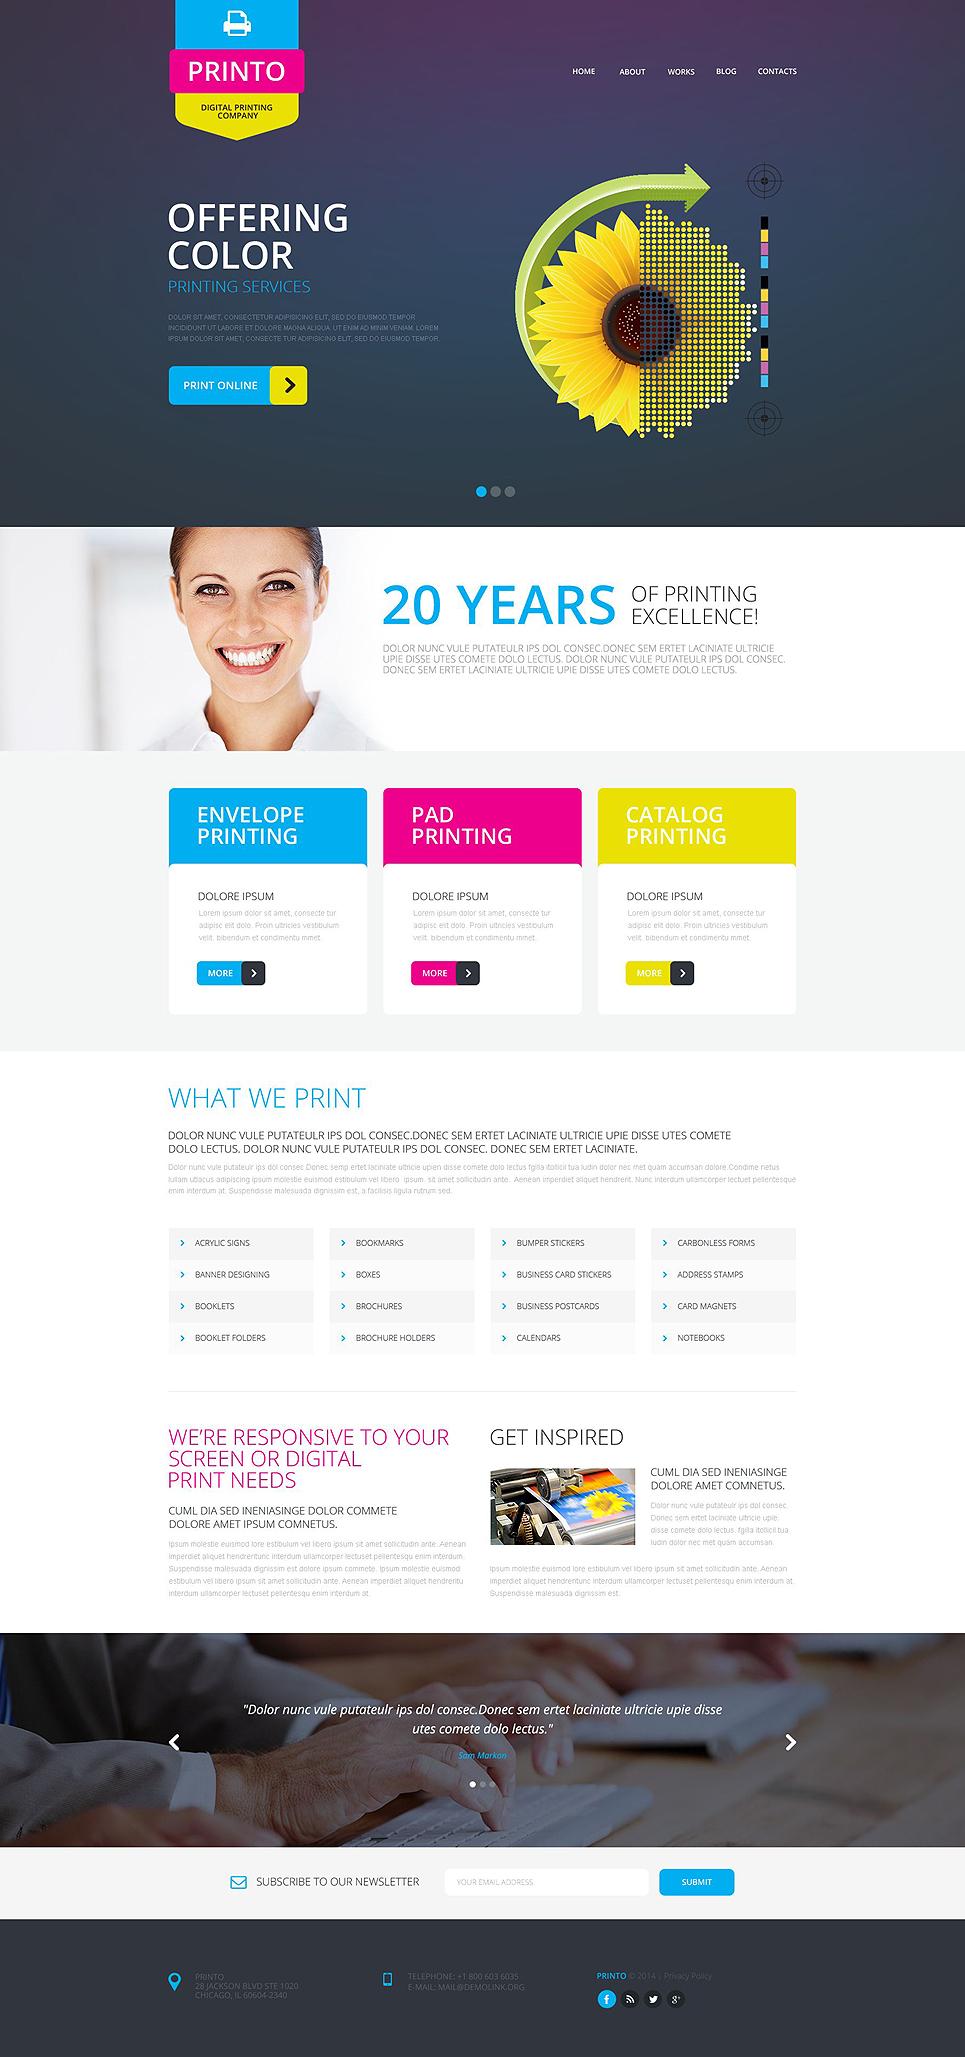 print shop responsive website template 51805. Black Bedroom Furniture Sets. Home Design Ideas